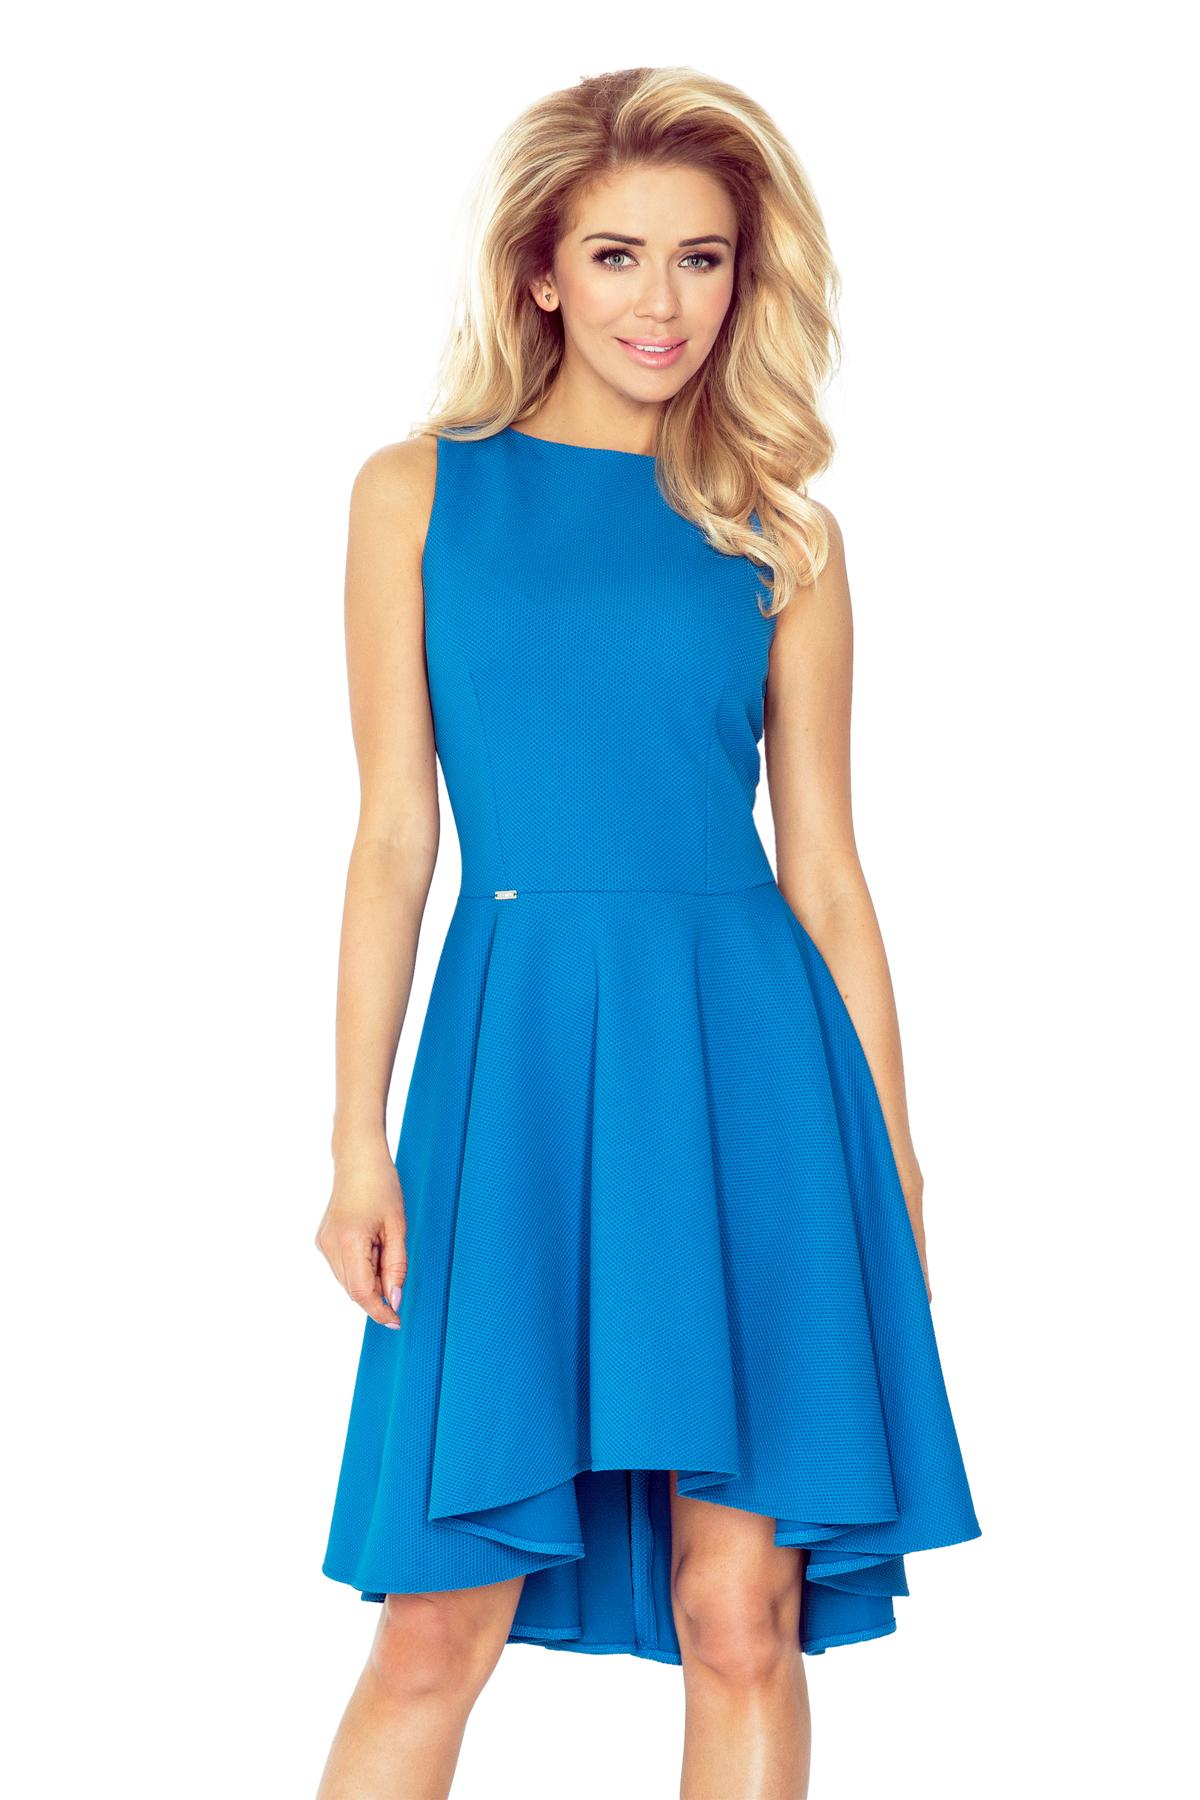 numoco Luxusní dámské společenské a plesové šaty s asymetrickou sukní  modré. 1 294c676ae0